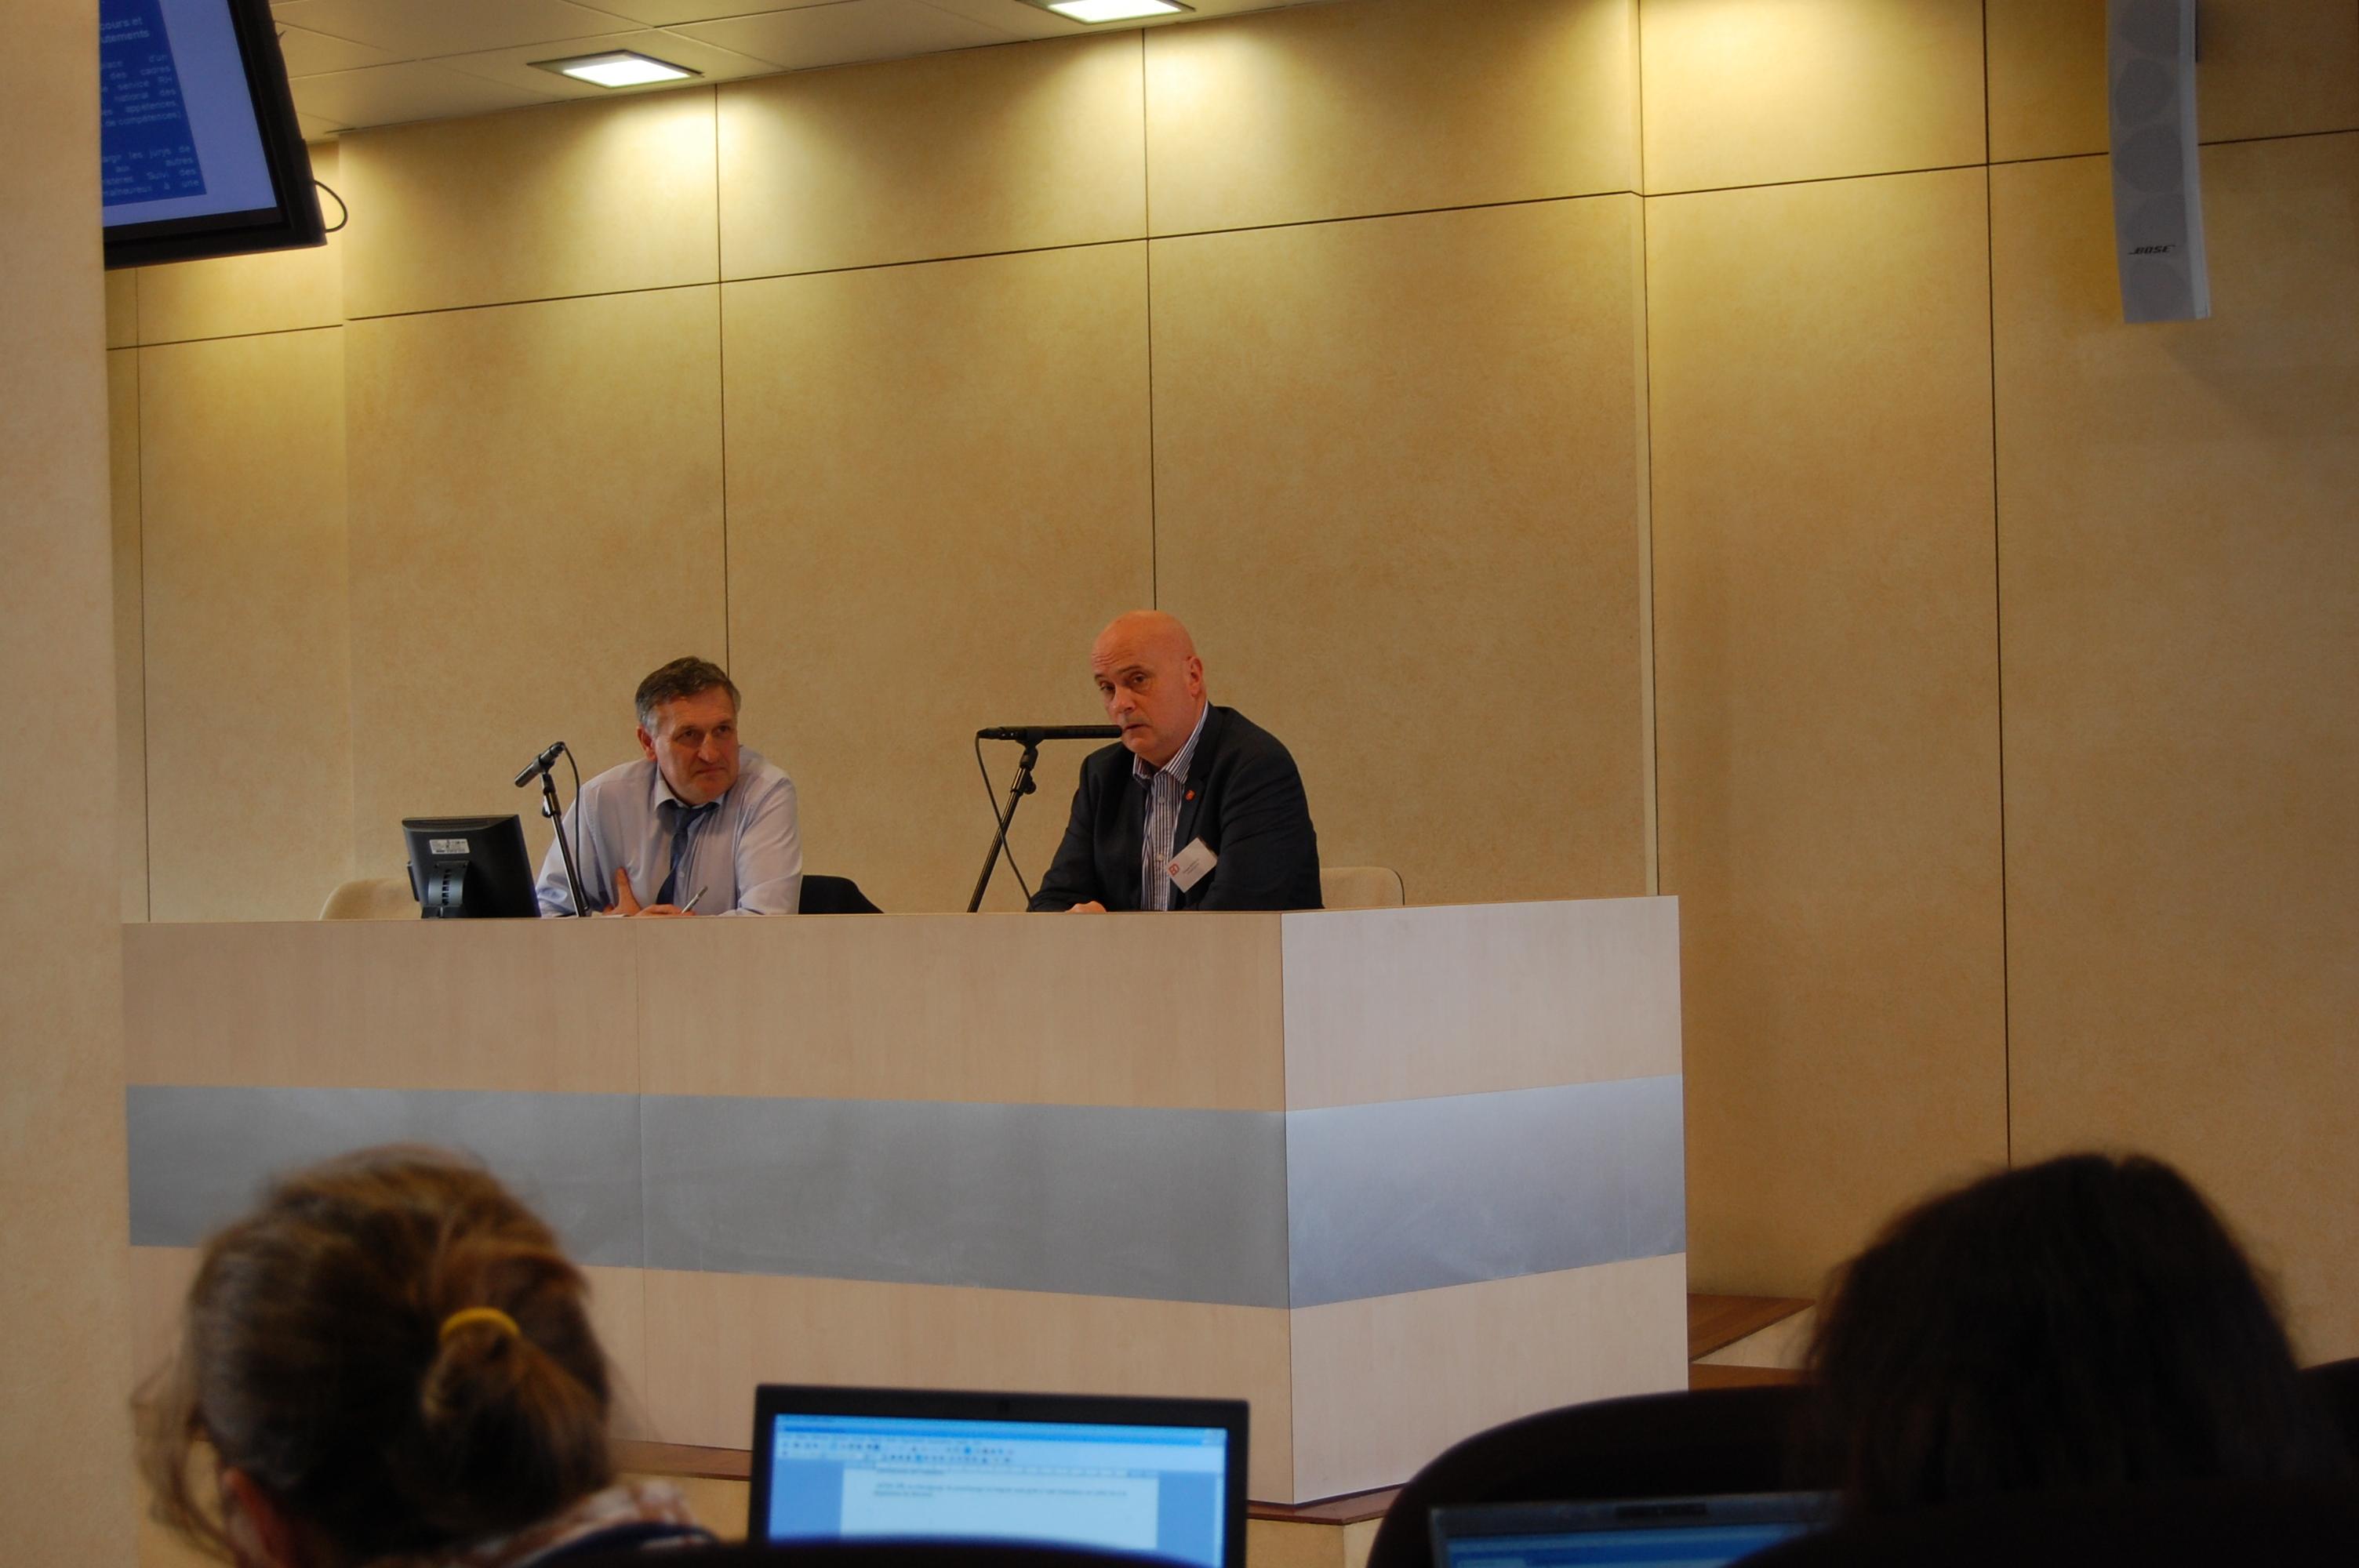 Pdt SNCDFiP et Jacques DEFFIEUX SG SNCD Douanes 2007 à 17